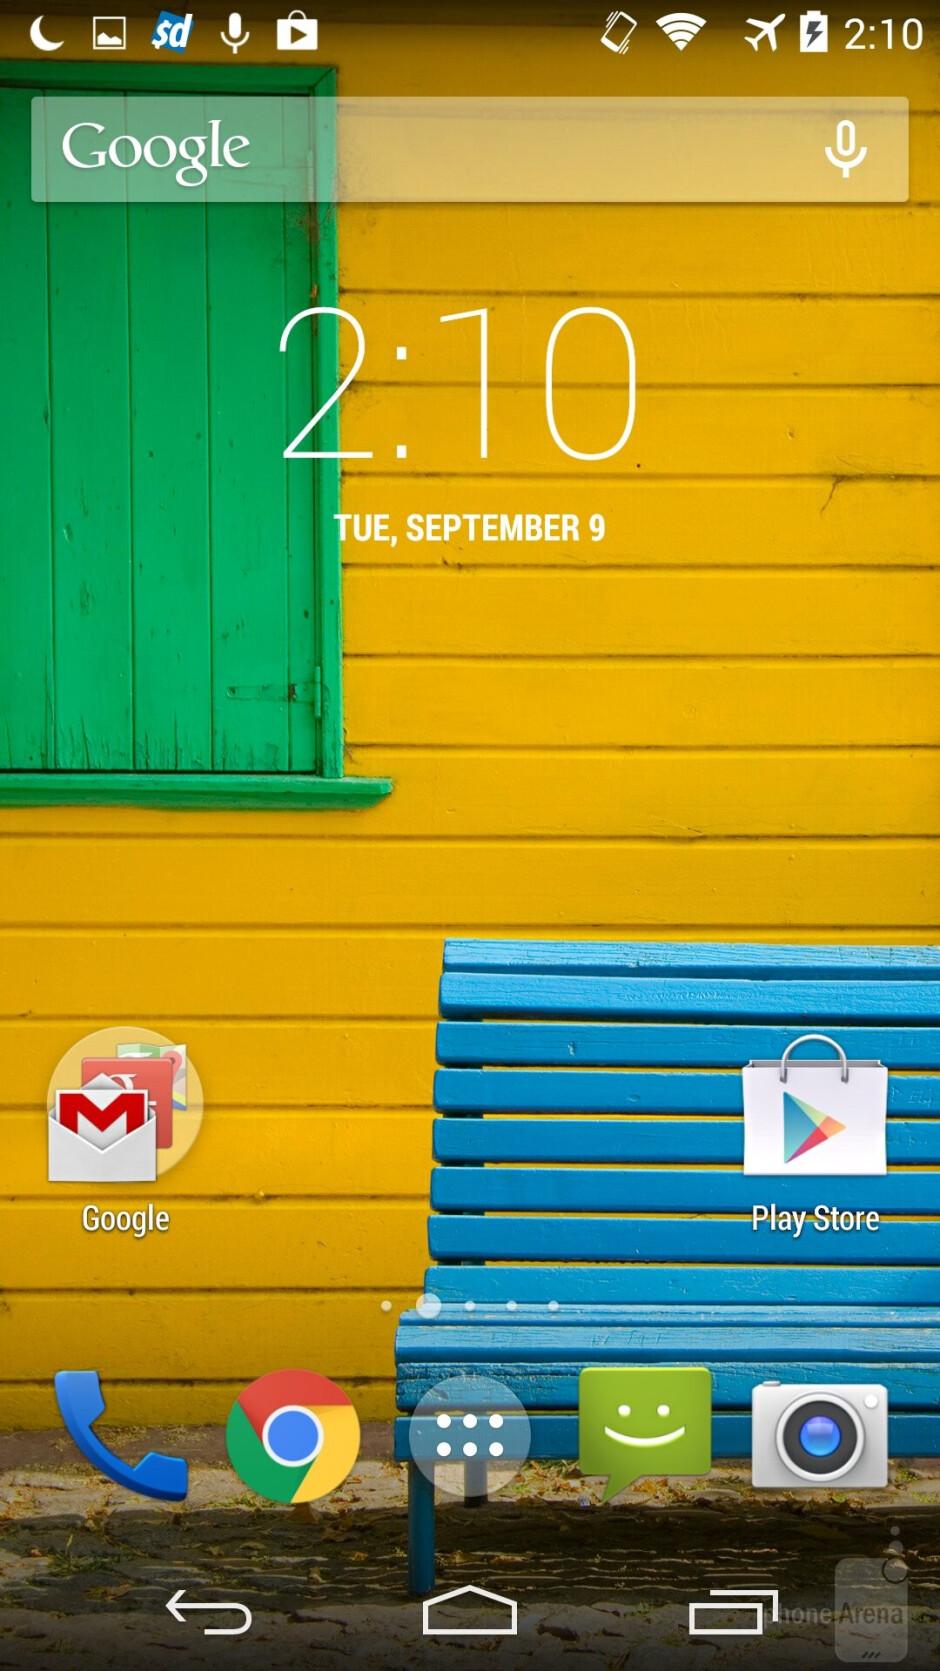 UI of the Motorola Moto X (2014) - Motorola Moto X 2014 vs Moto X 2013